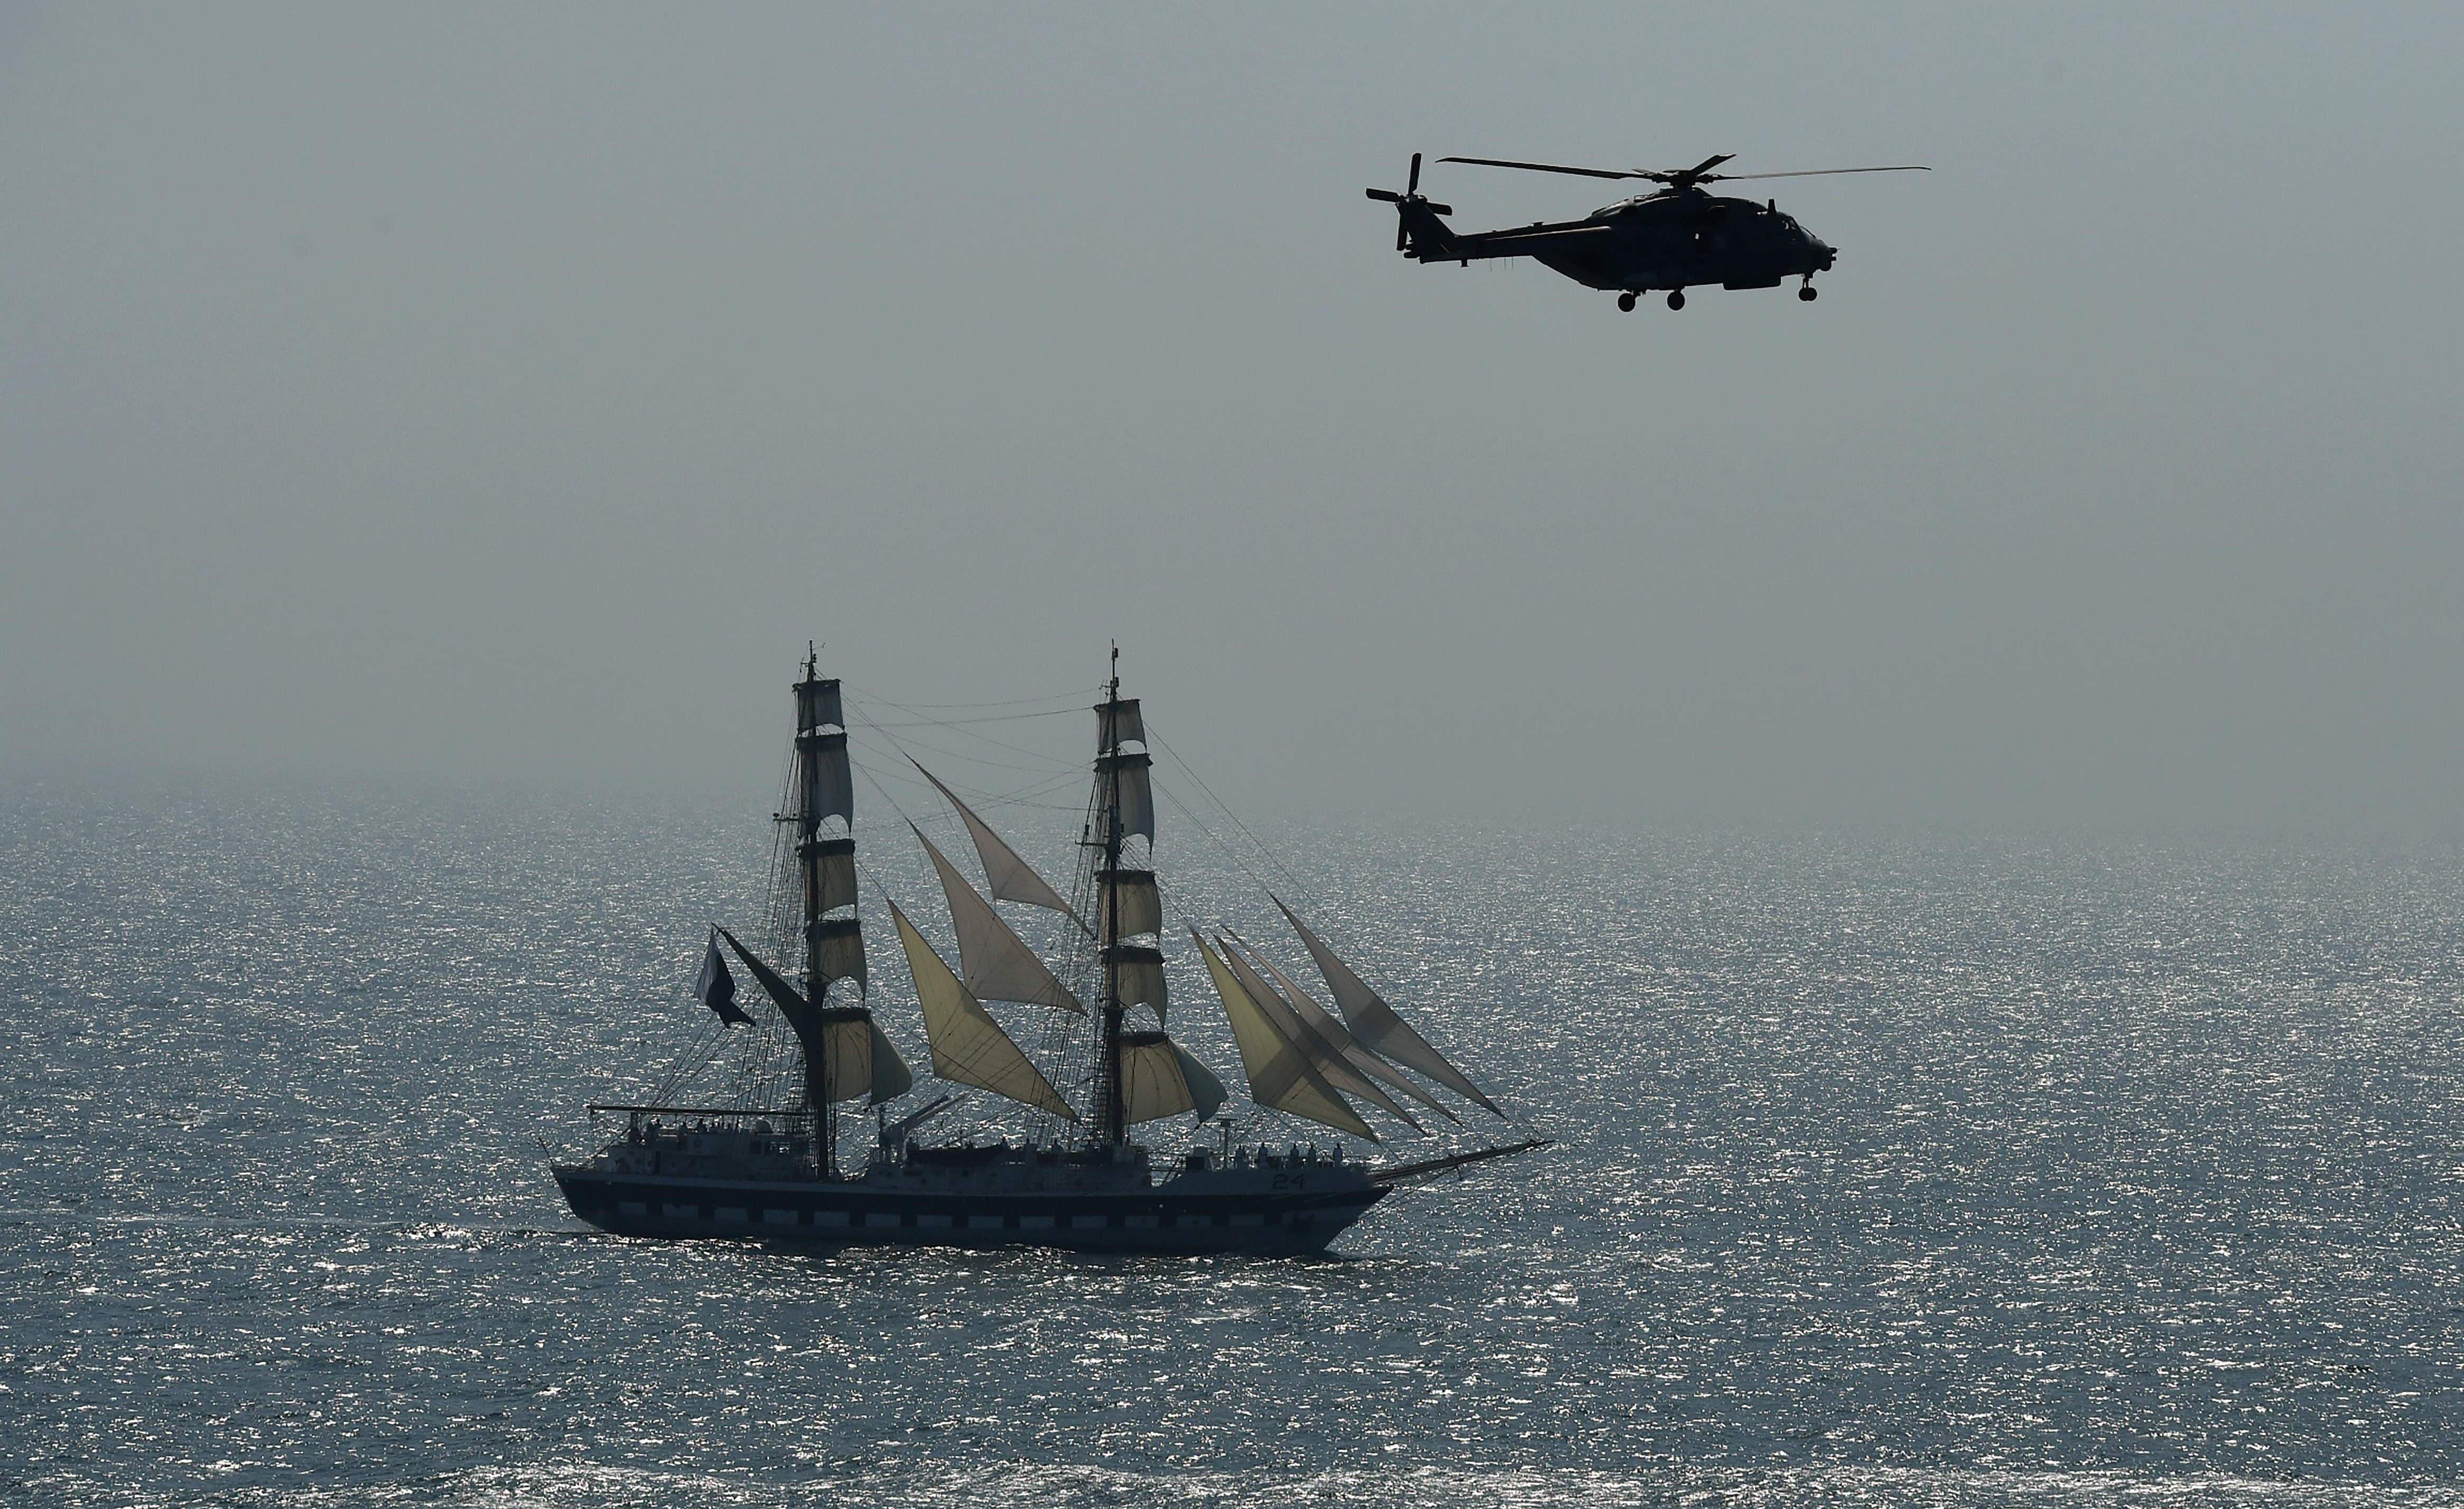 وفود کے سربراہان نے پاک بحریہ کی جانب سے امن مشق2019کے انعقاد کو سراہا —فوٹو/ اے ایف پی